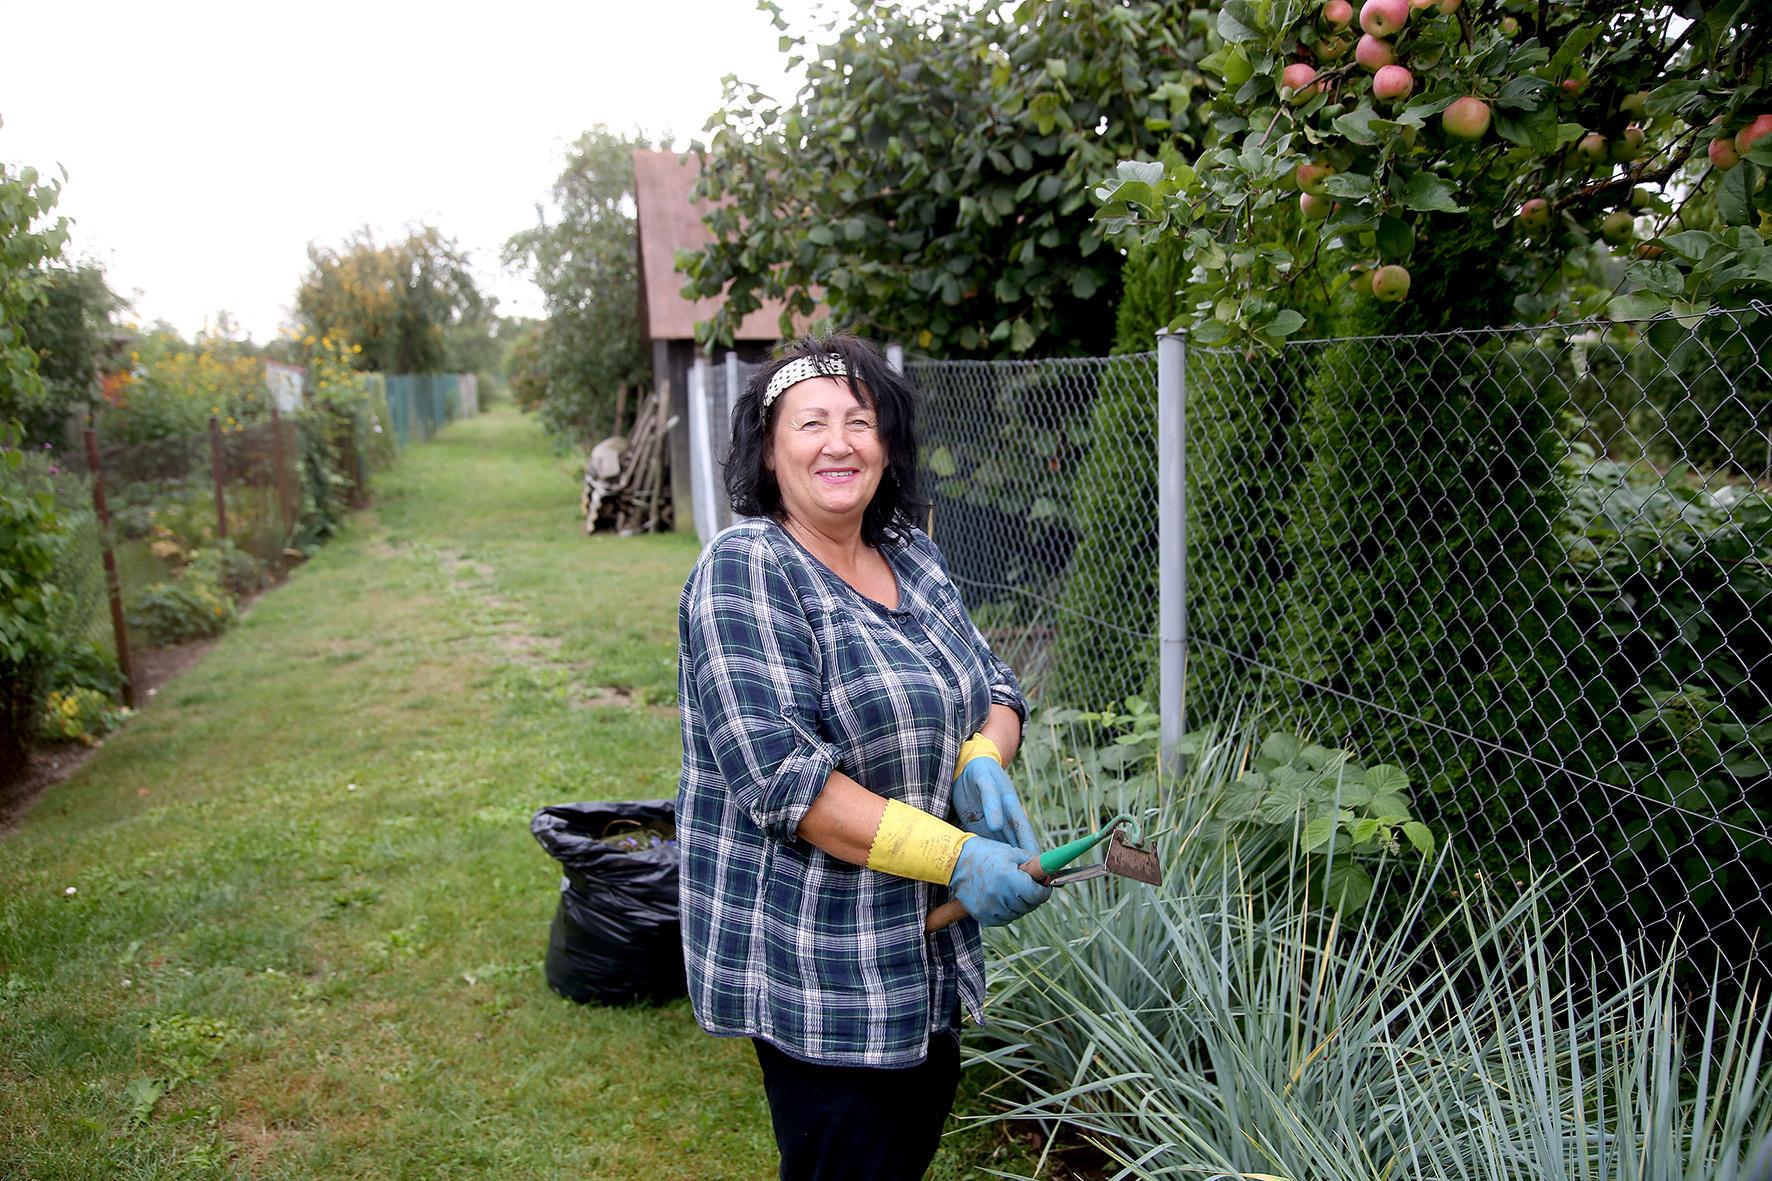 Apžiūrėdama darže besipuikuojančias daržoves su šypsena veide Justinavos sodų aktualijas mums dėsto ponia Valė. A. Barzdžiaus nuotr.